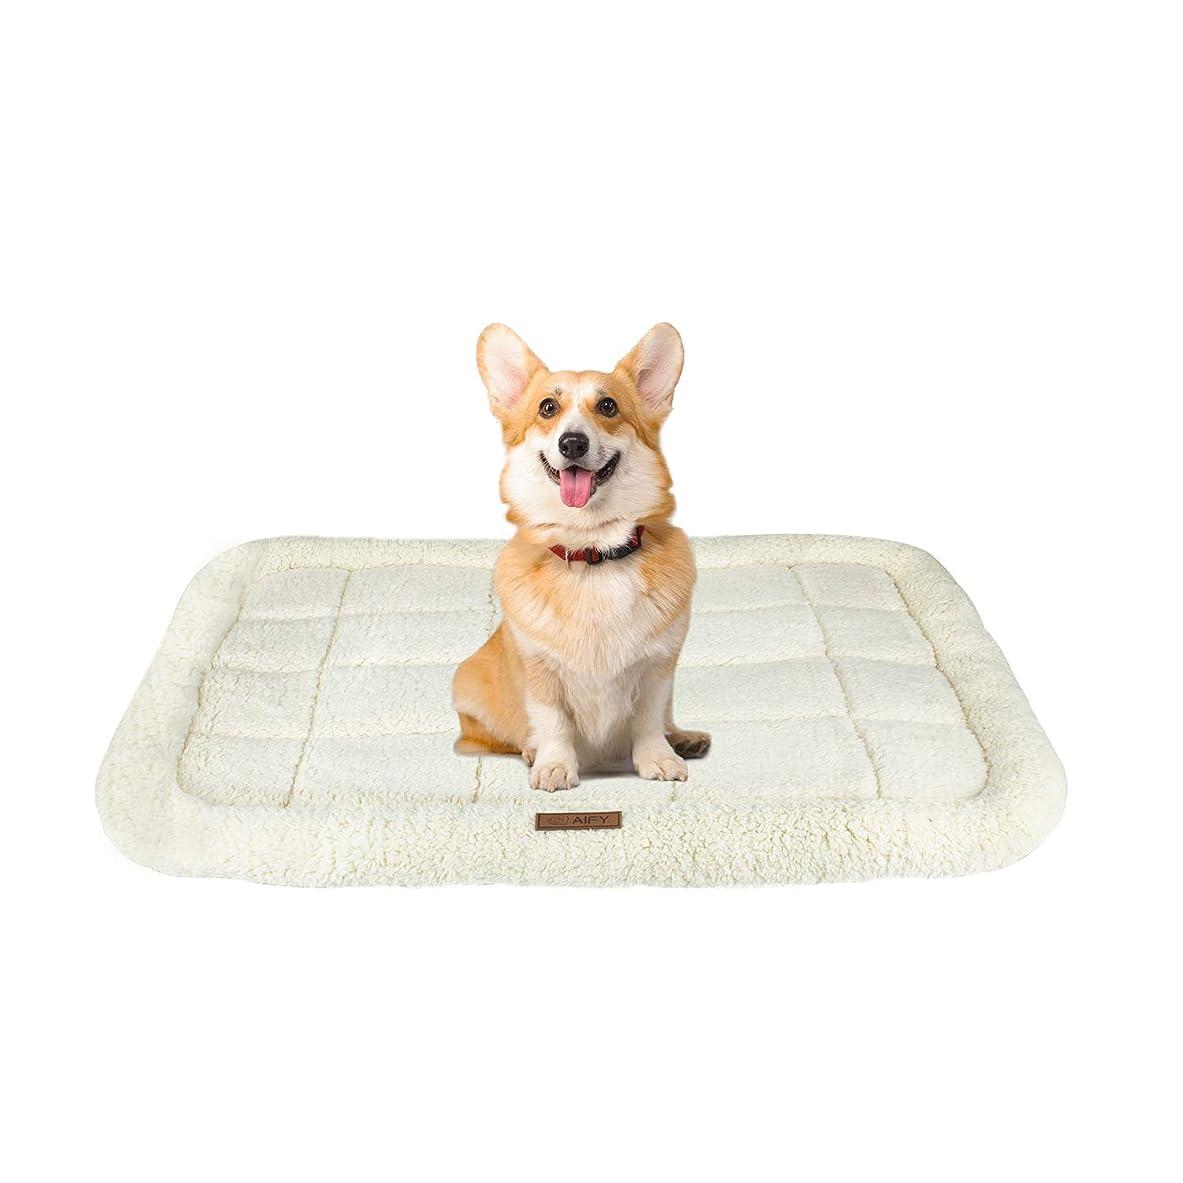 同じアリーナ弱いAIFY 犬ベッド ペットベッド 中型犬 犬 猫 クッション マット ベッド ボア生地 ペット用 犬用 おしゃれ 洗える ペットソファー かわいい ふかふか ふわふわ 通年 M